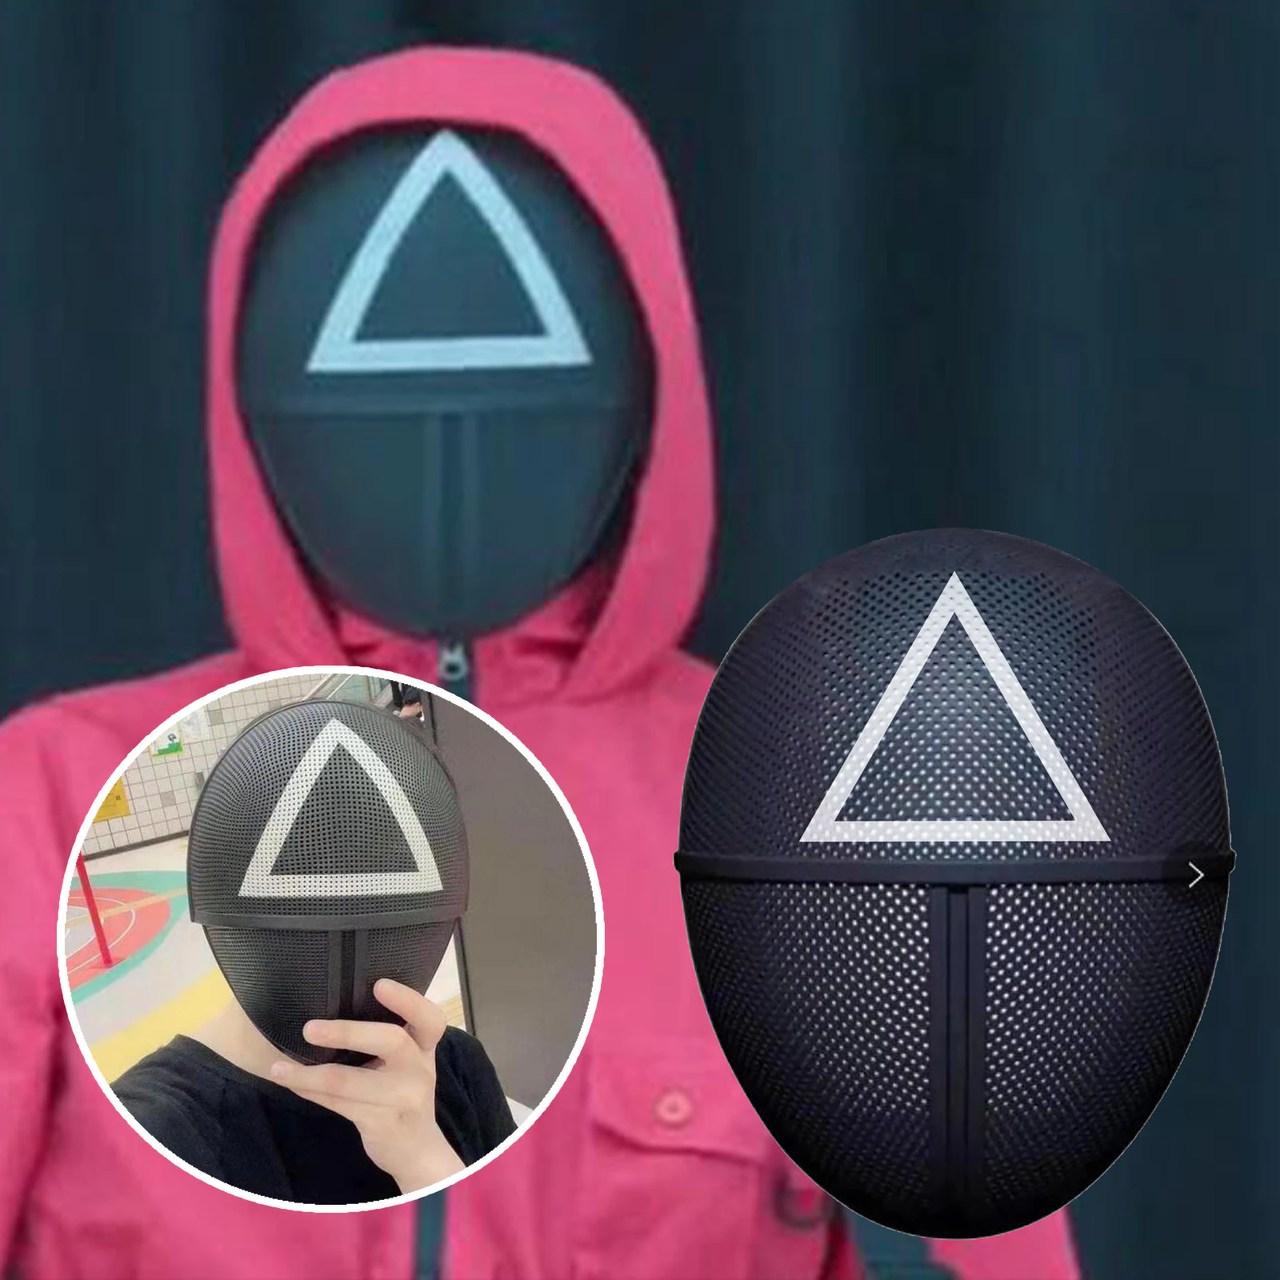 Máscara Símbolo Triângulo: Squid Game Round 6 Netflix - MKP